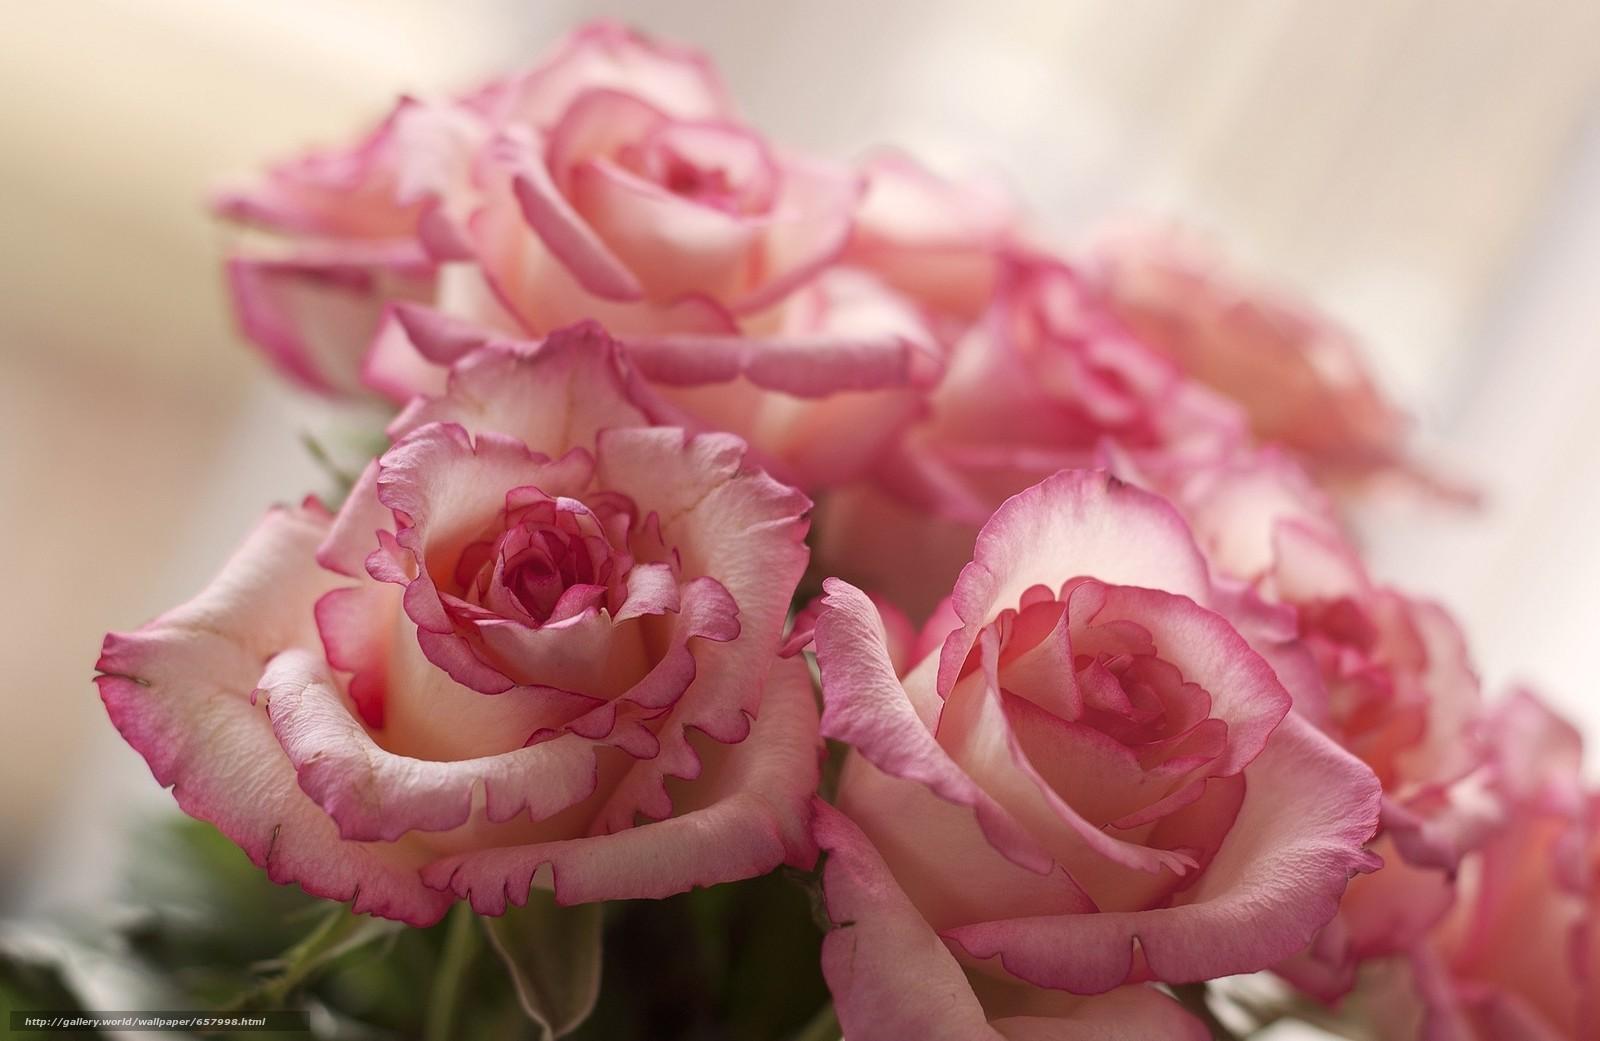 Скачать обои цветы,  роза,  розы,  композиция бесплатно для рабочего стола в разрешении 2048x1332 — картинка №657998